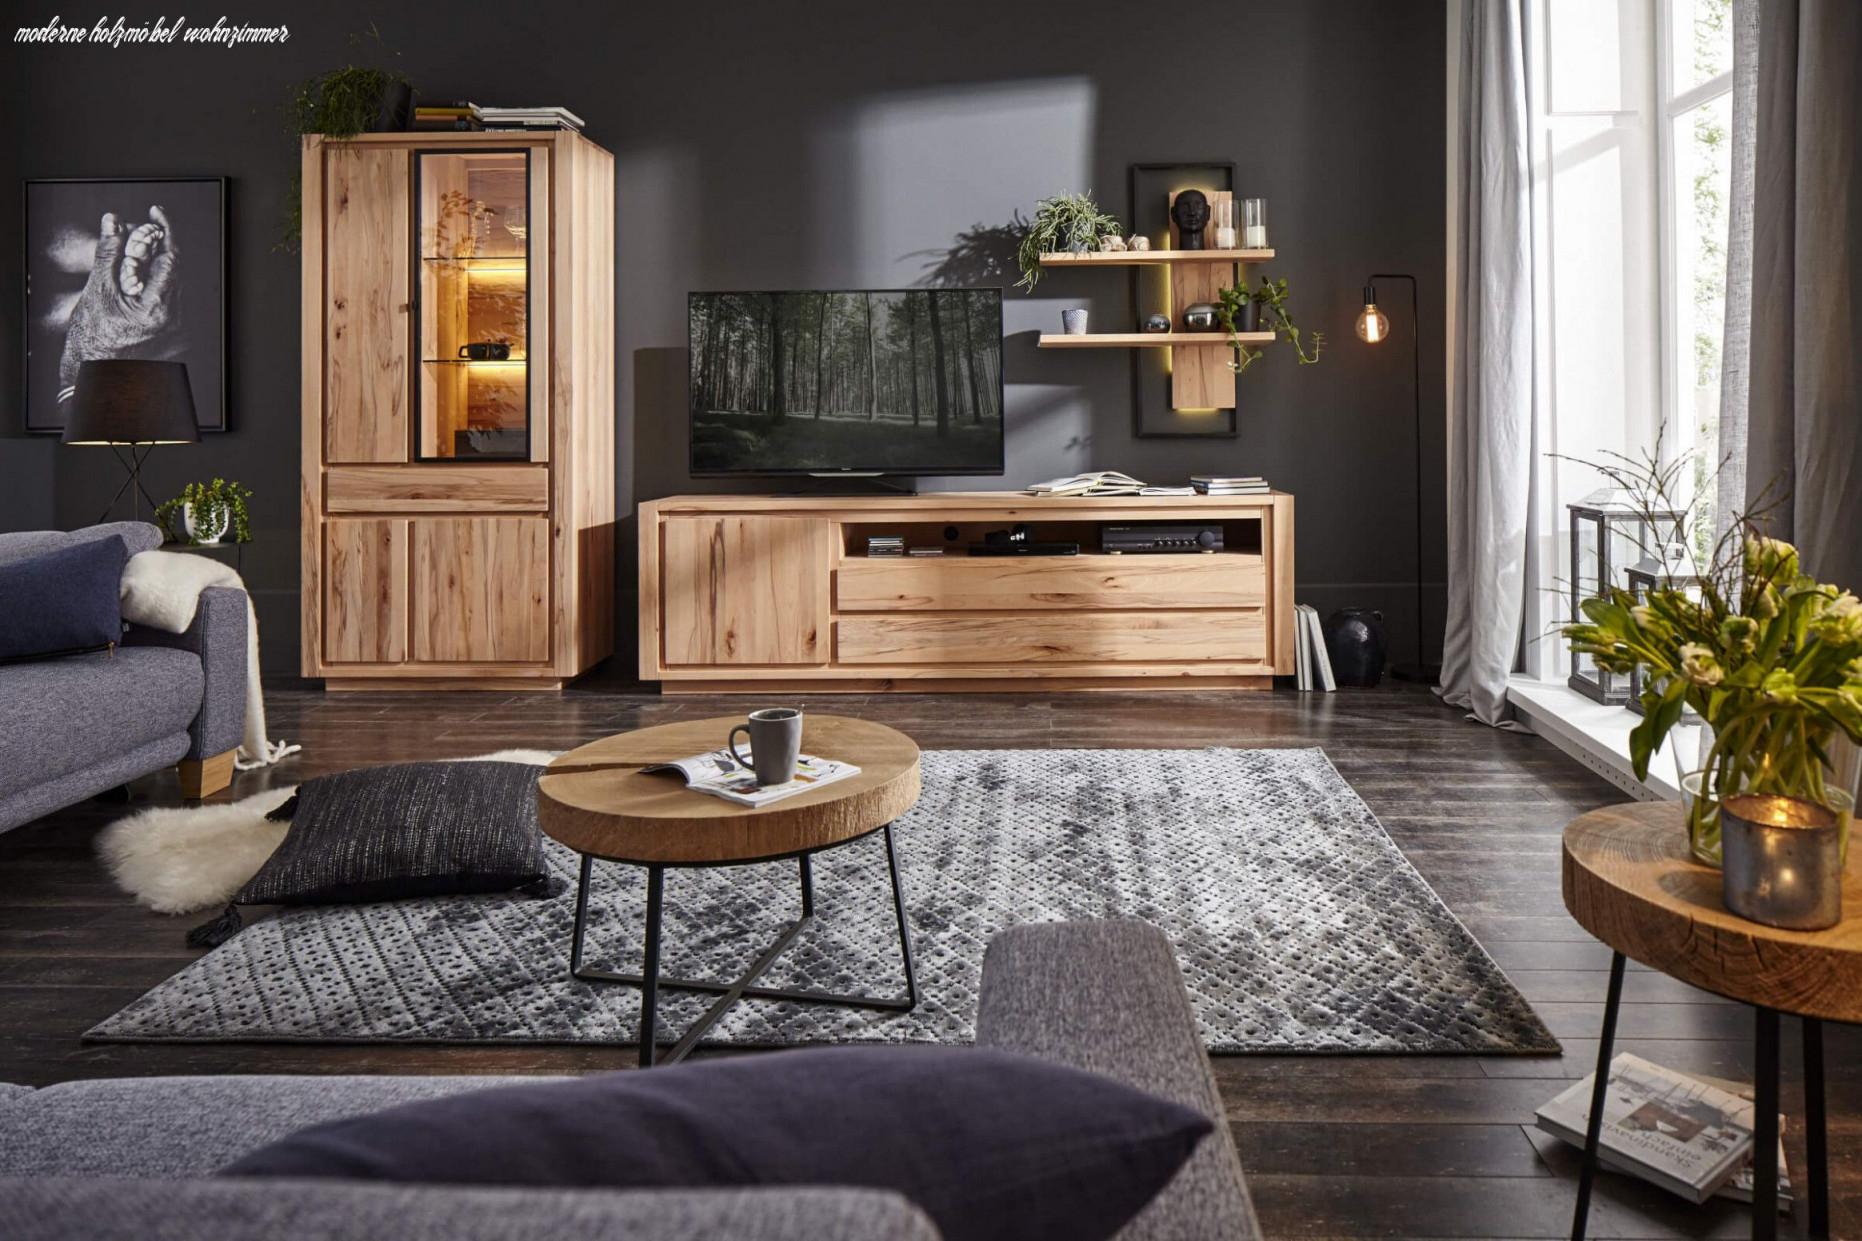 15 Gigantische Einflüsse Der Moderne Holzmöbel Wohnzimmer In von Moderne Holzmöbel Wohnzimmer Photo